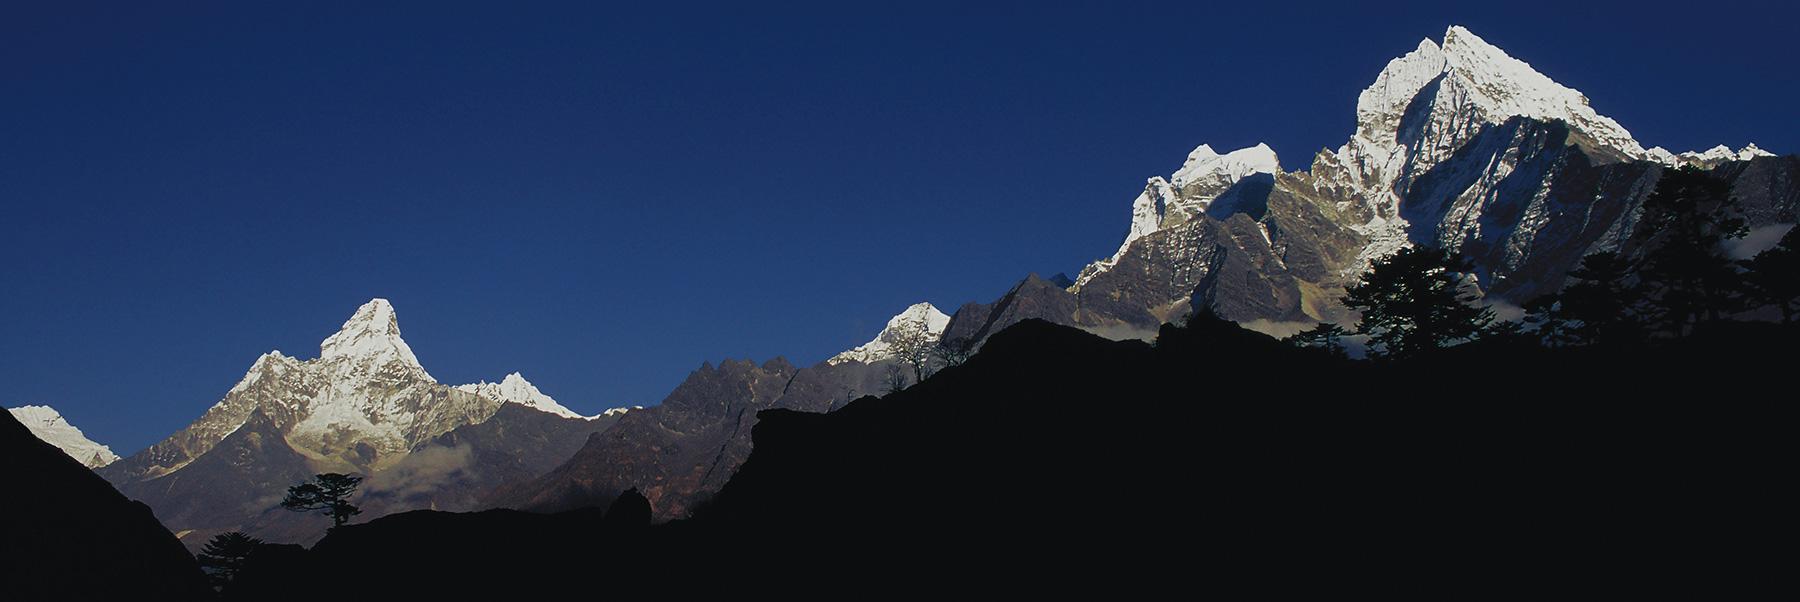 Khumbu-dusk-18x6